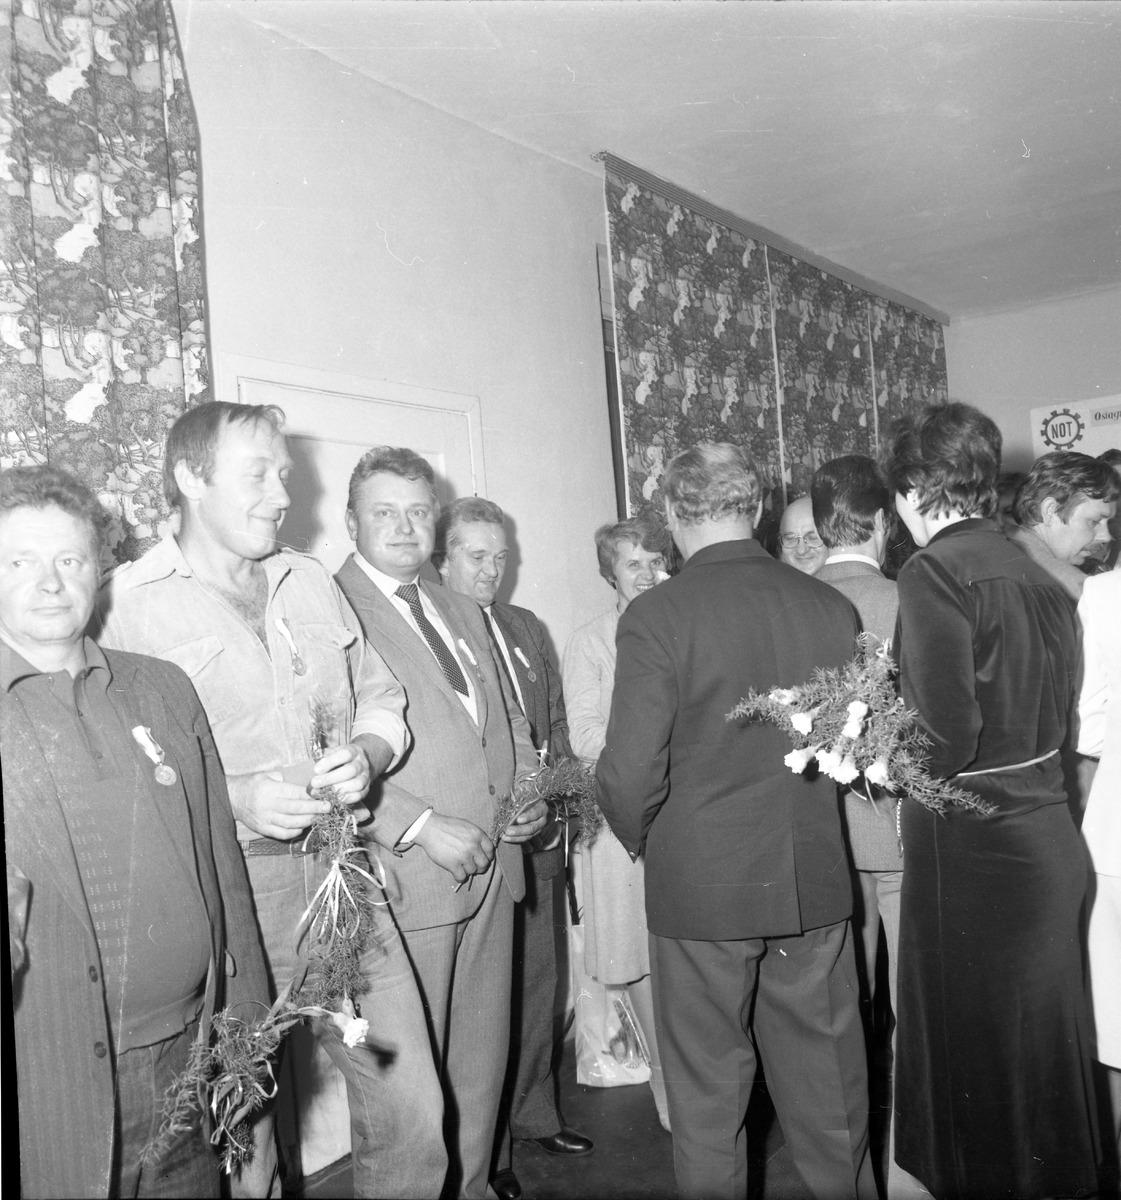 Spotkanie jubileuszowe w Mleczarni, 1985 r. [7]